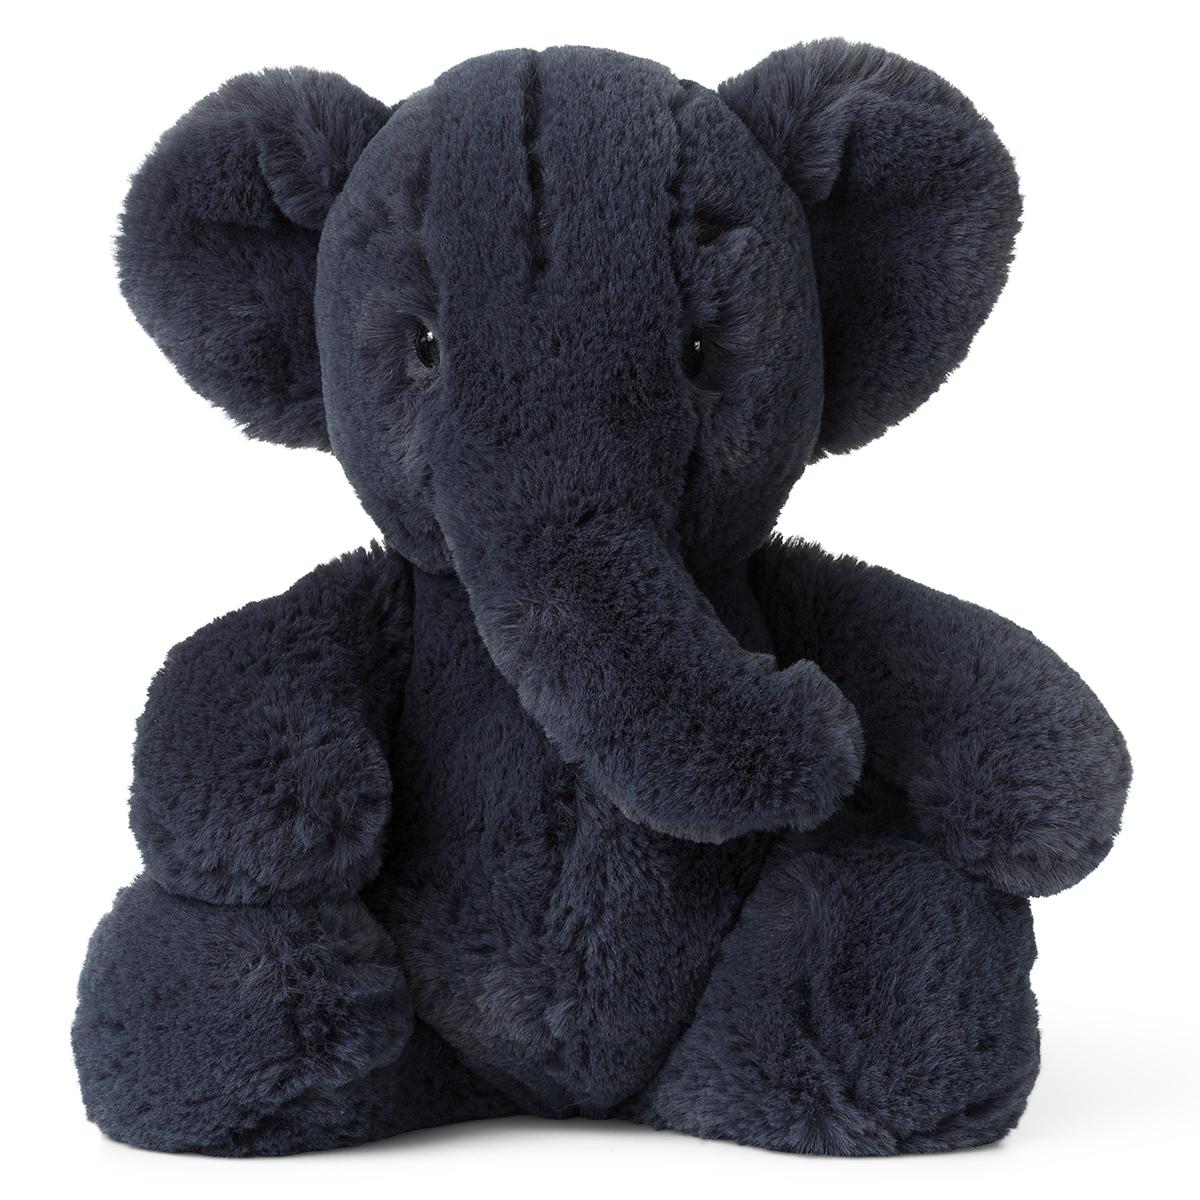 Peluche Ebu l'Éléphant Gris - Moyen Peluche Éléphant Gris 29 cm